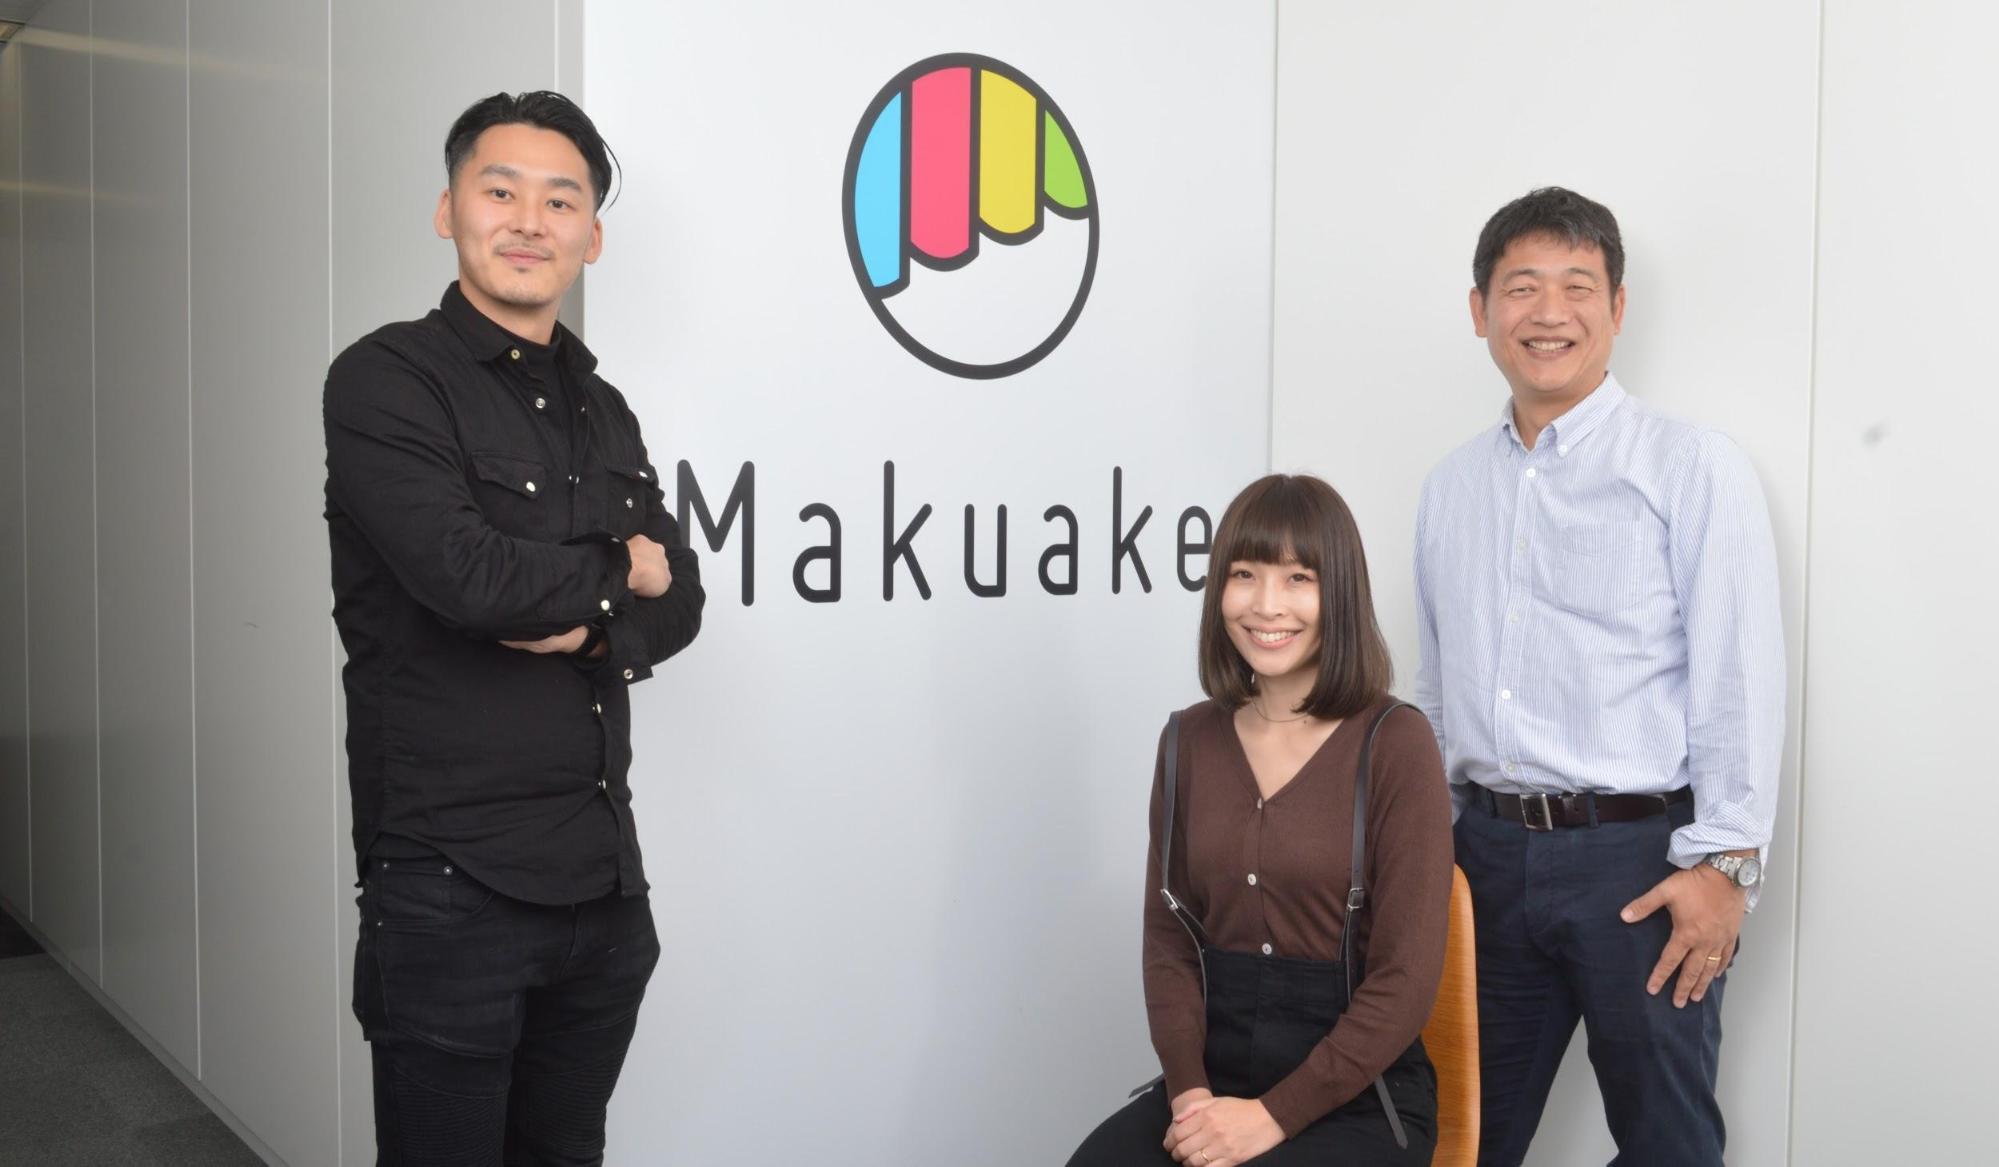 クラウドRPA導入事例|Makuakeマクアケ社